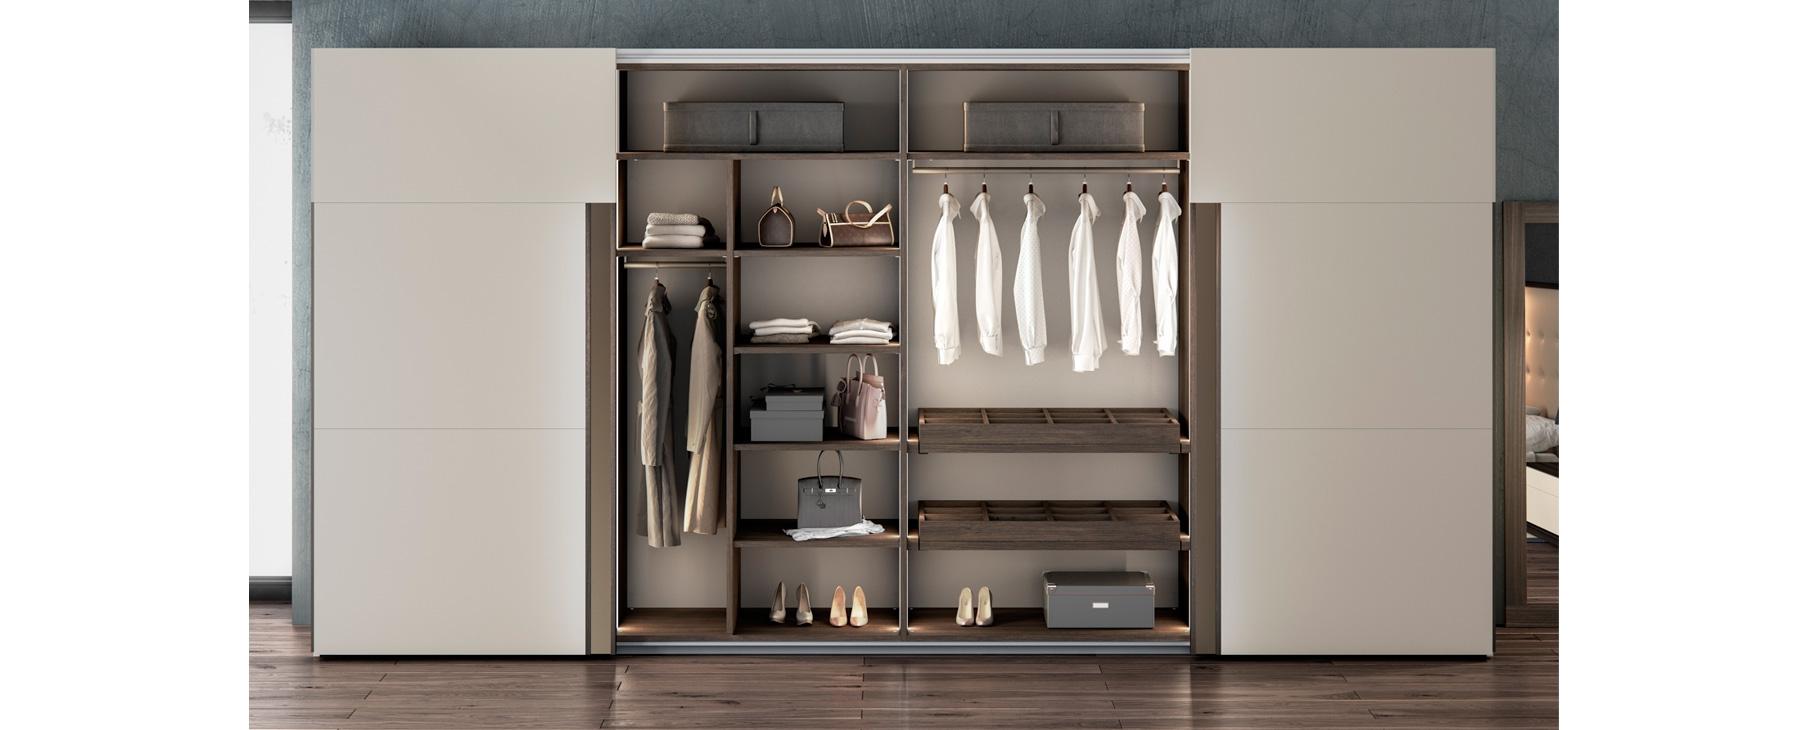 Armarios puertas correderas emede mobiliario de dise o - Diseno de armarios online ...